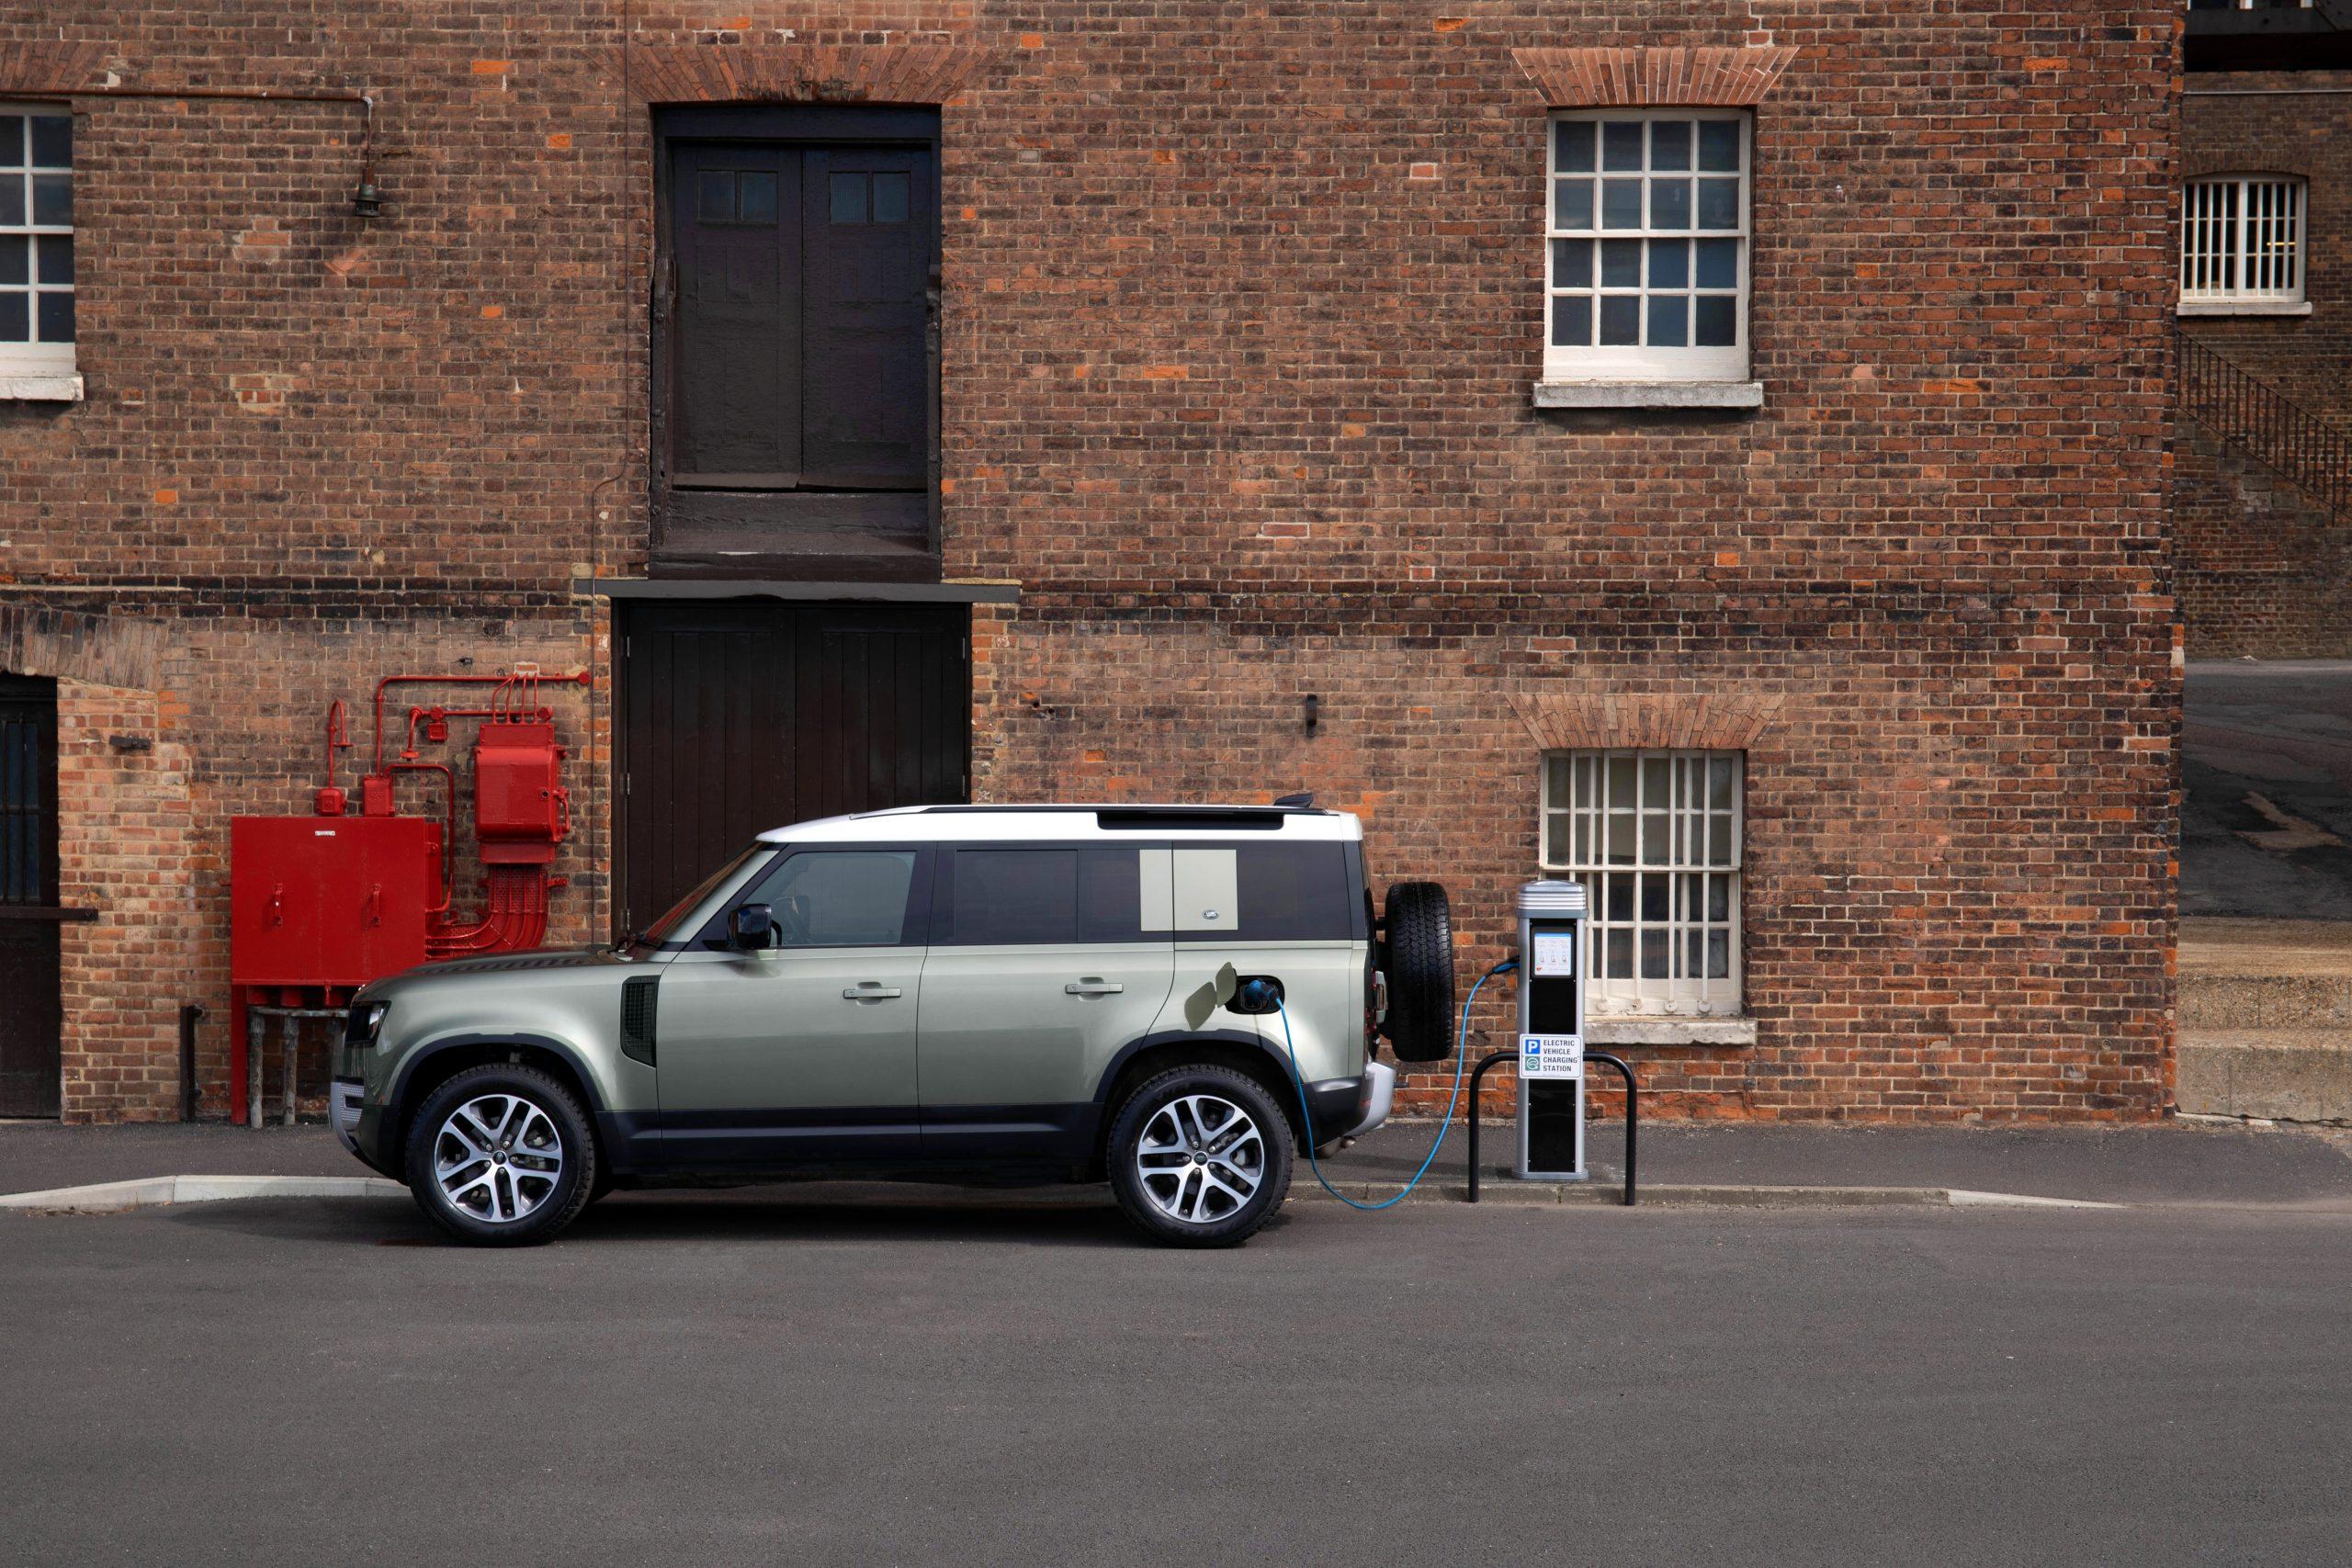 2021 Land Rover Defender Gets Substantial Updates